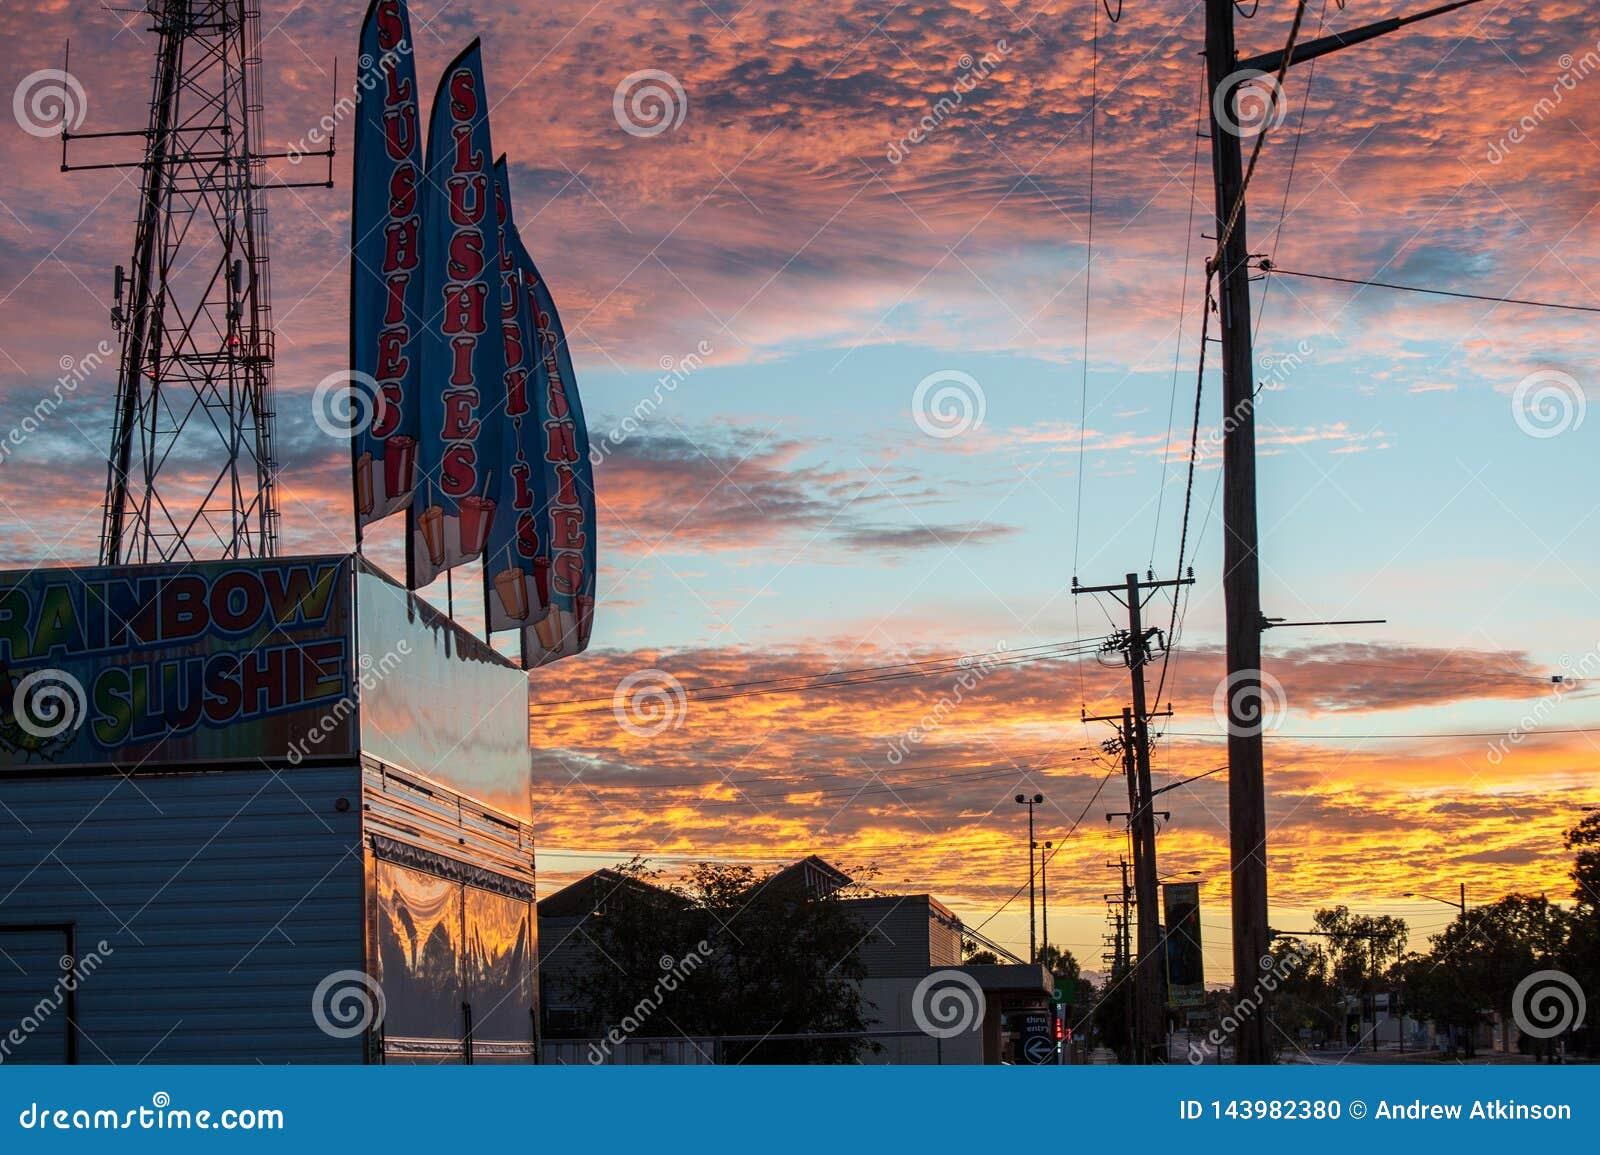 Знаки/флаги slushie радуги под небом покрашенным радугой